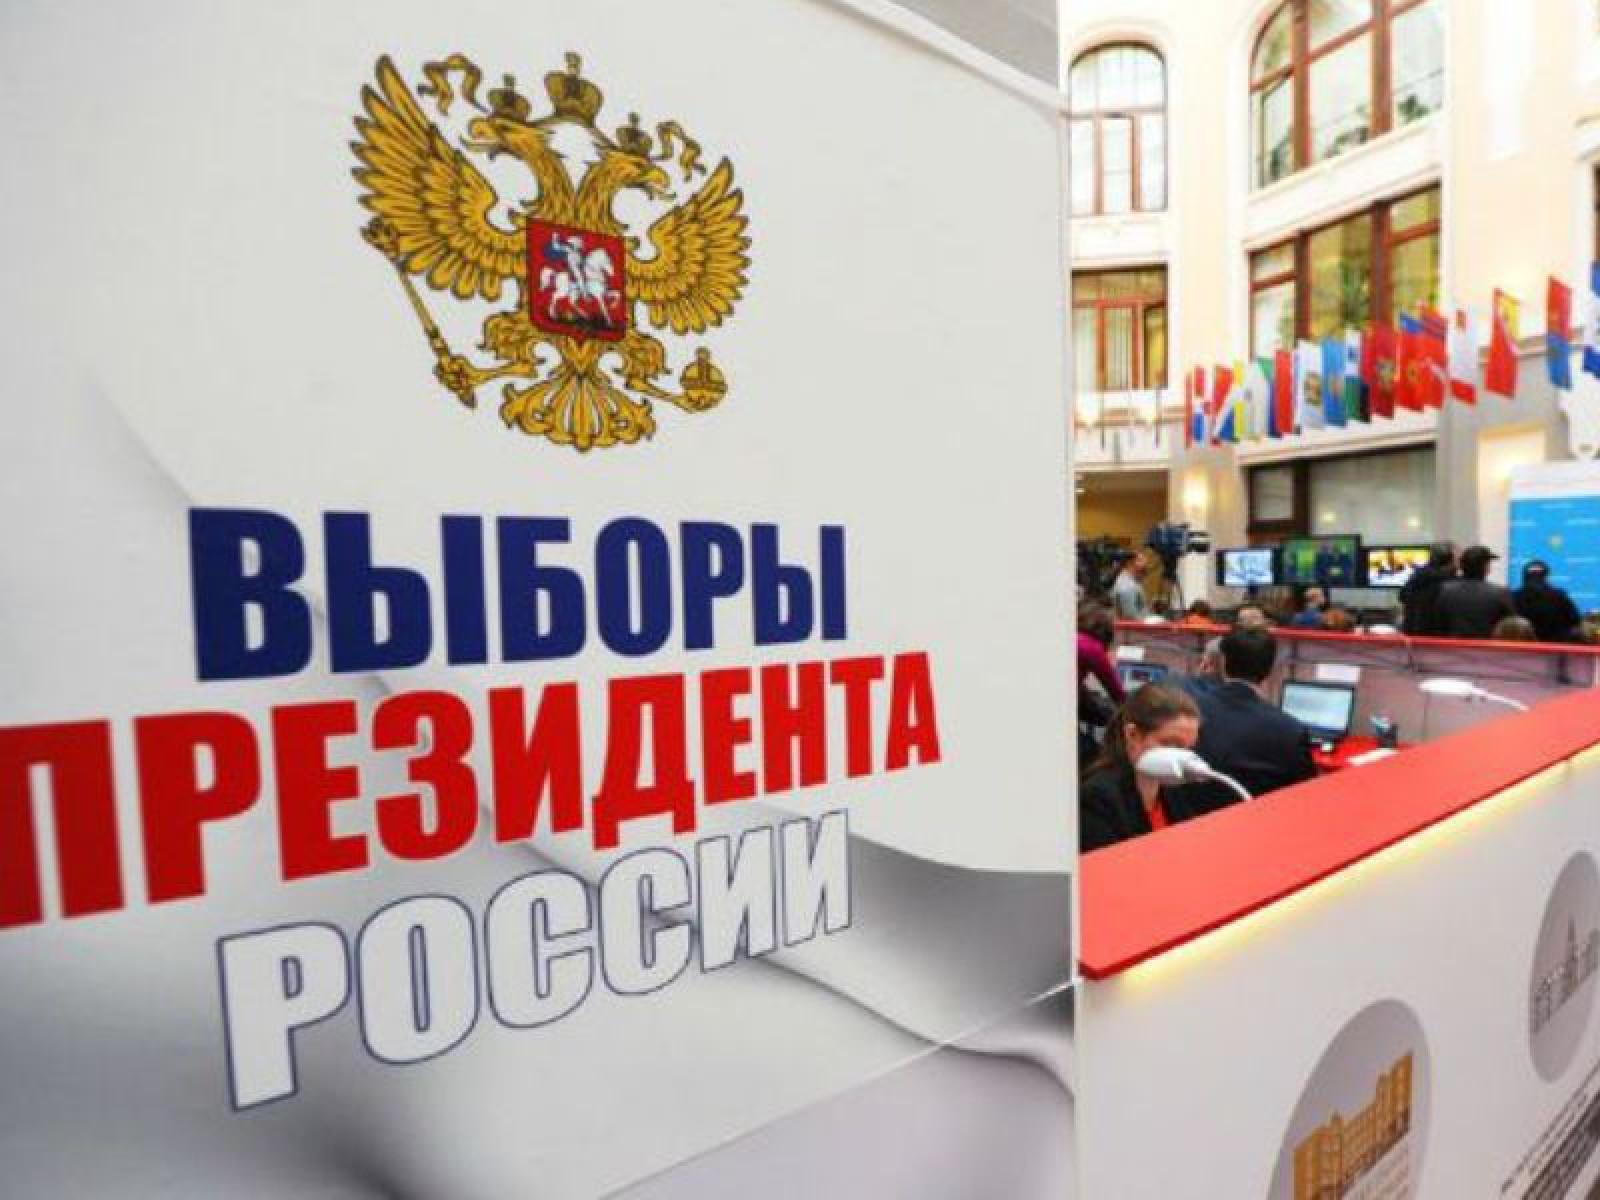 Regiunea transnistreană planifică deschiderea a 24 de secții de votare pentru alegerile președintelui Rusiei